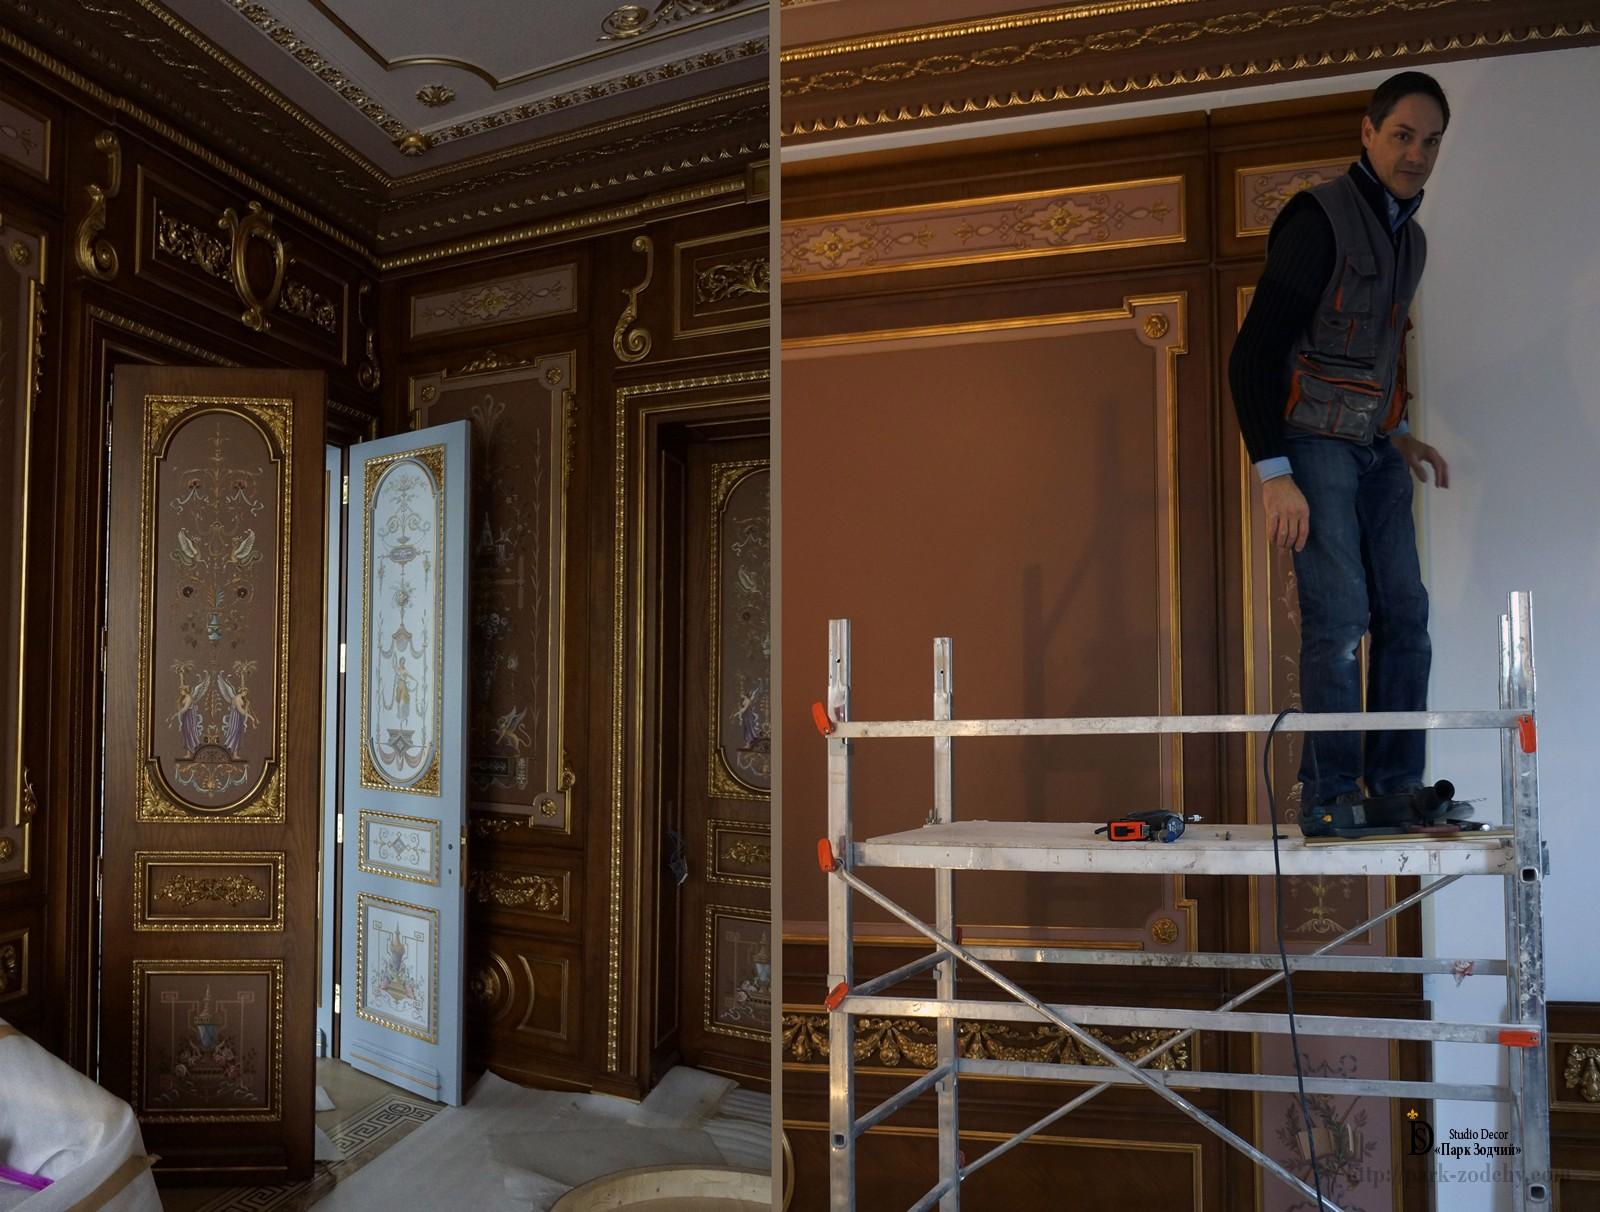 Монтаж декоративных панелей в интерьере